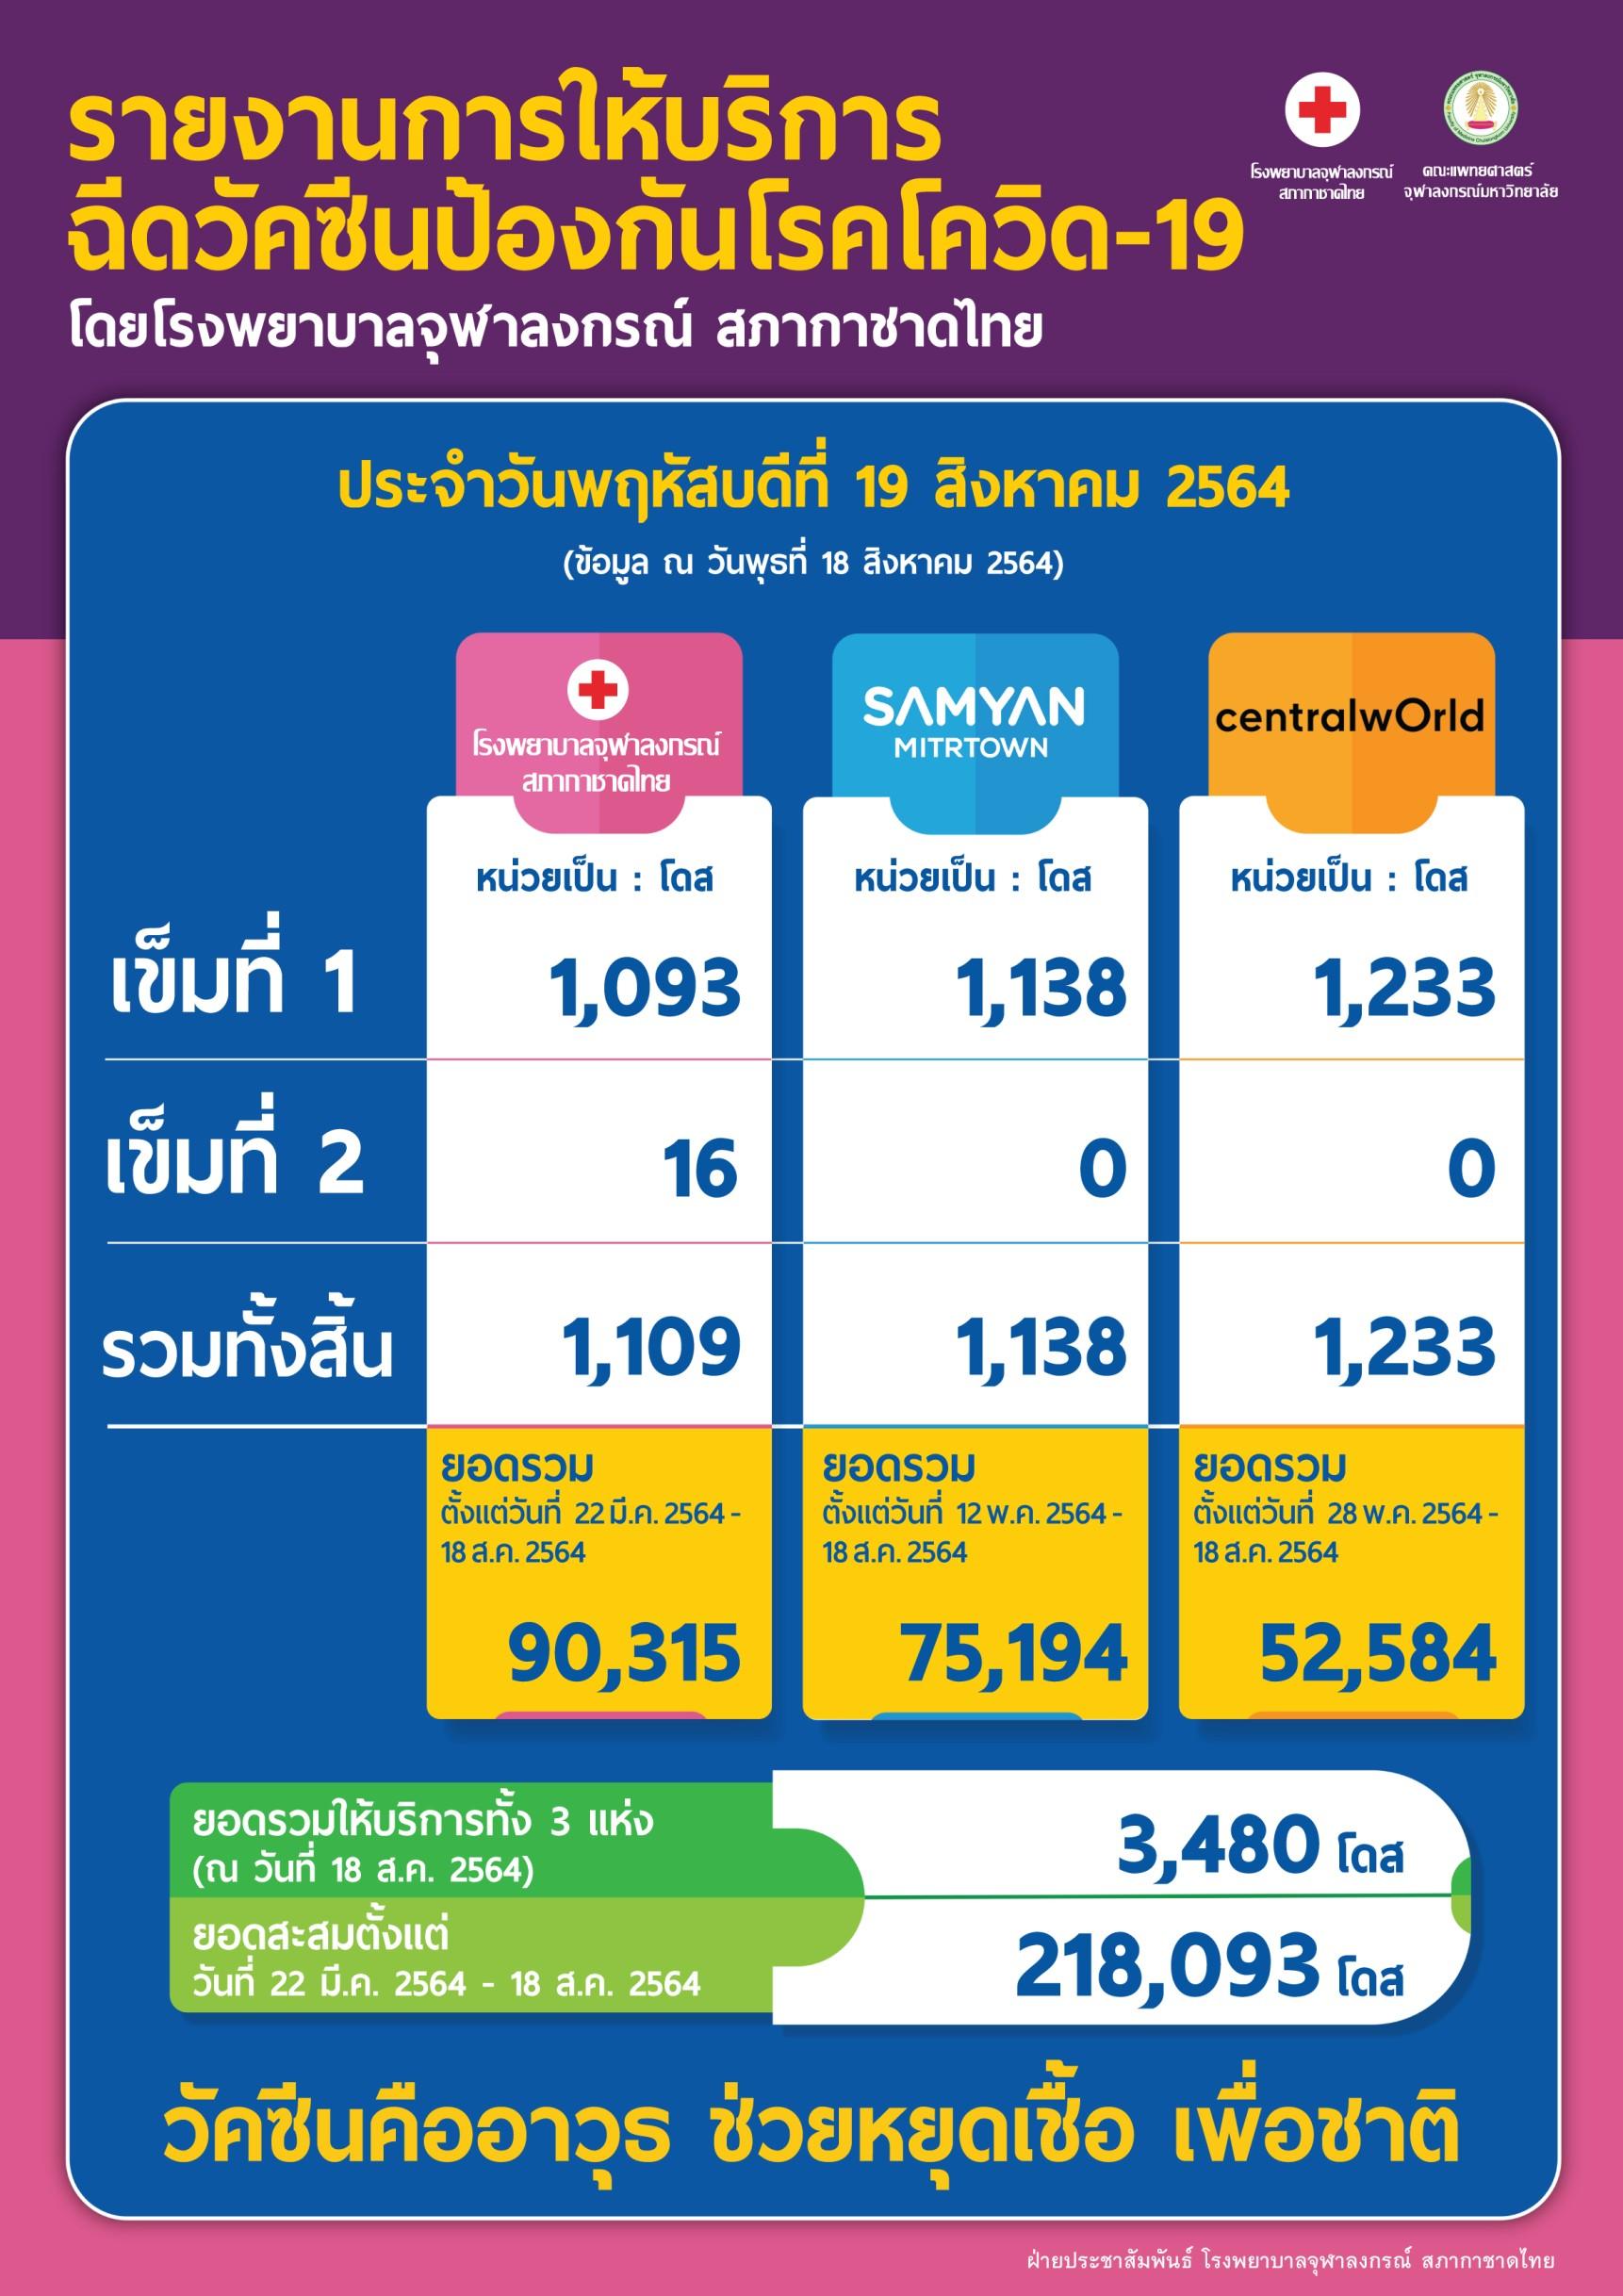 รายงานการให้บริการฉีดวัคซีนป้องกันโรคโควิด-19โดยโรงพยาบาลจุฬาลงกรณ์ สภากาชาดไทย ประจำวันพฤหัสบดีที่ 19 สิงหาคม 2564